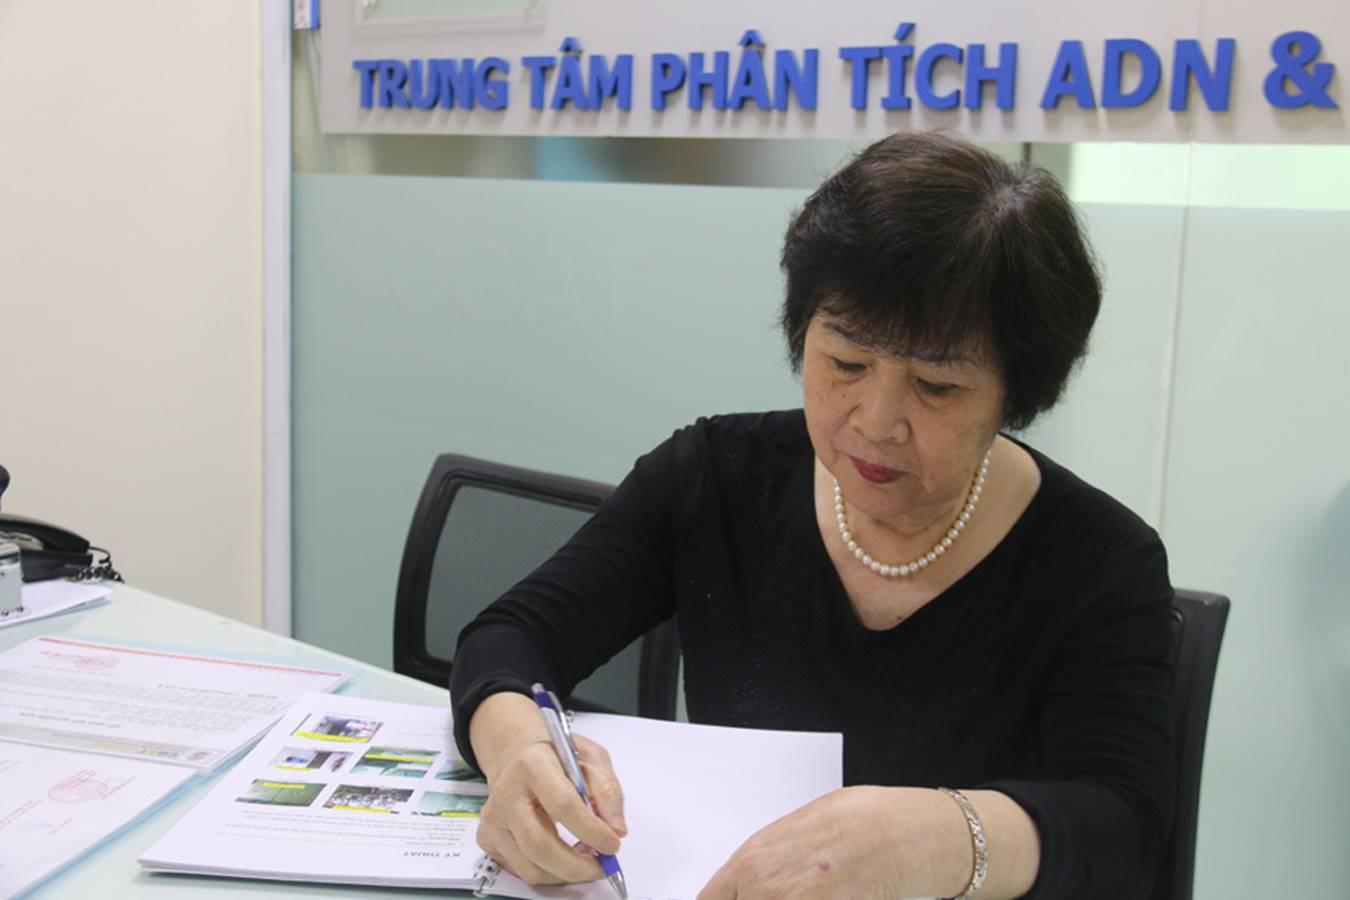 Cụ ông 70 tuổi bay từ Sài Gòn ra Hà Nội cùng 3 mẫu xét nghiệm ADN-1